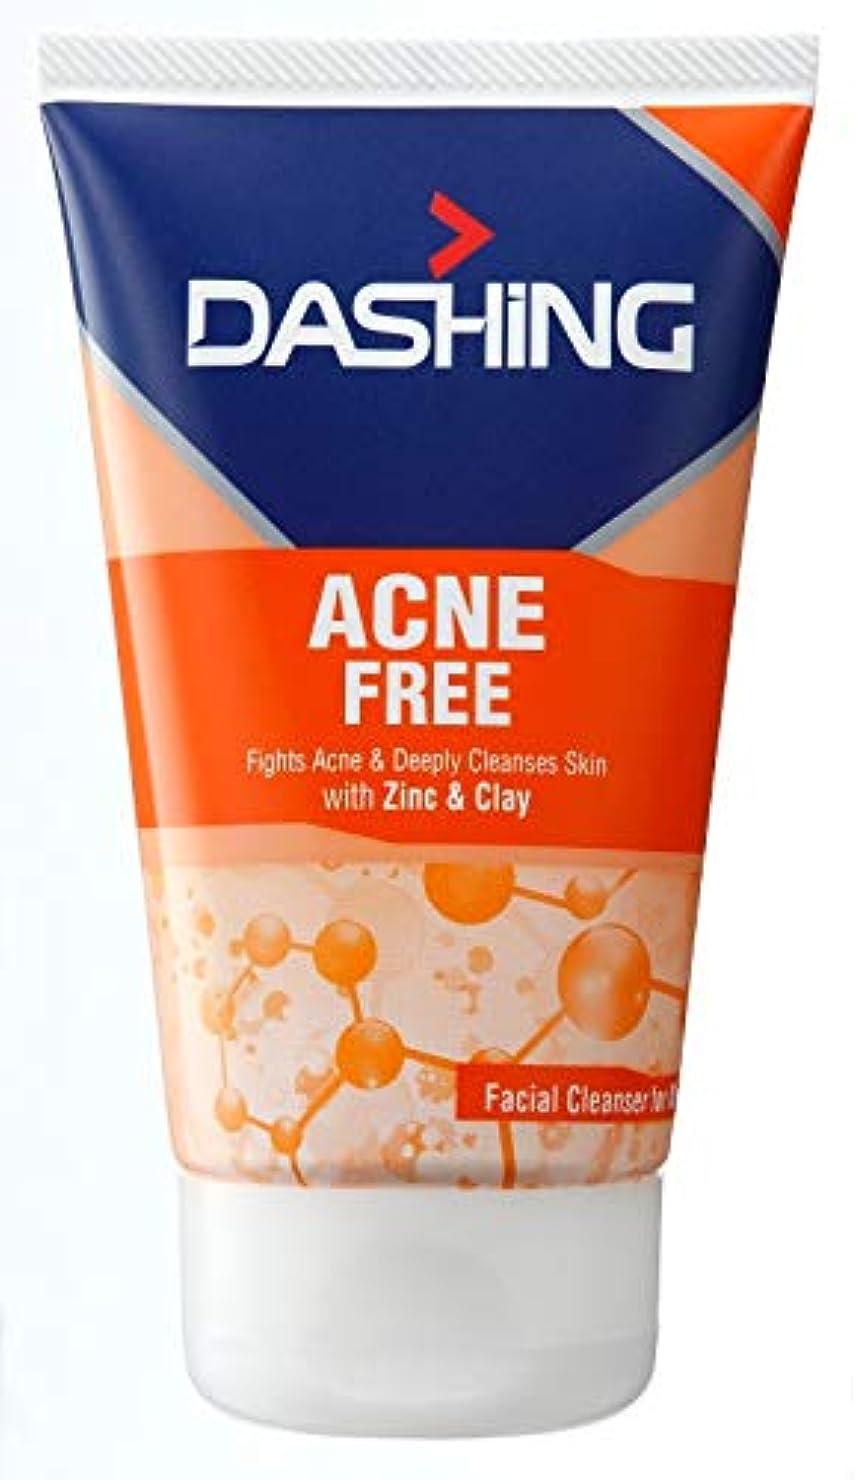 小麦粉クリスチャン性能DASHING 無料にきび洗顔料クリーン100グラム - それはまた、なめらかな、健康な皮膚を促進し、いつでもクリアな肌のスコア!